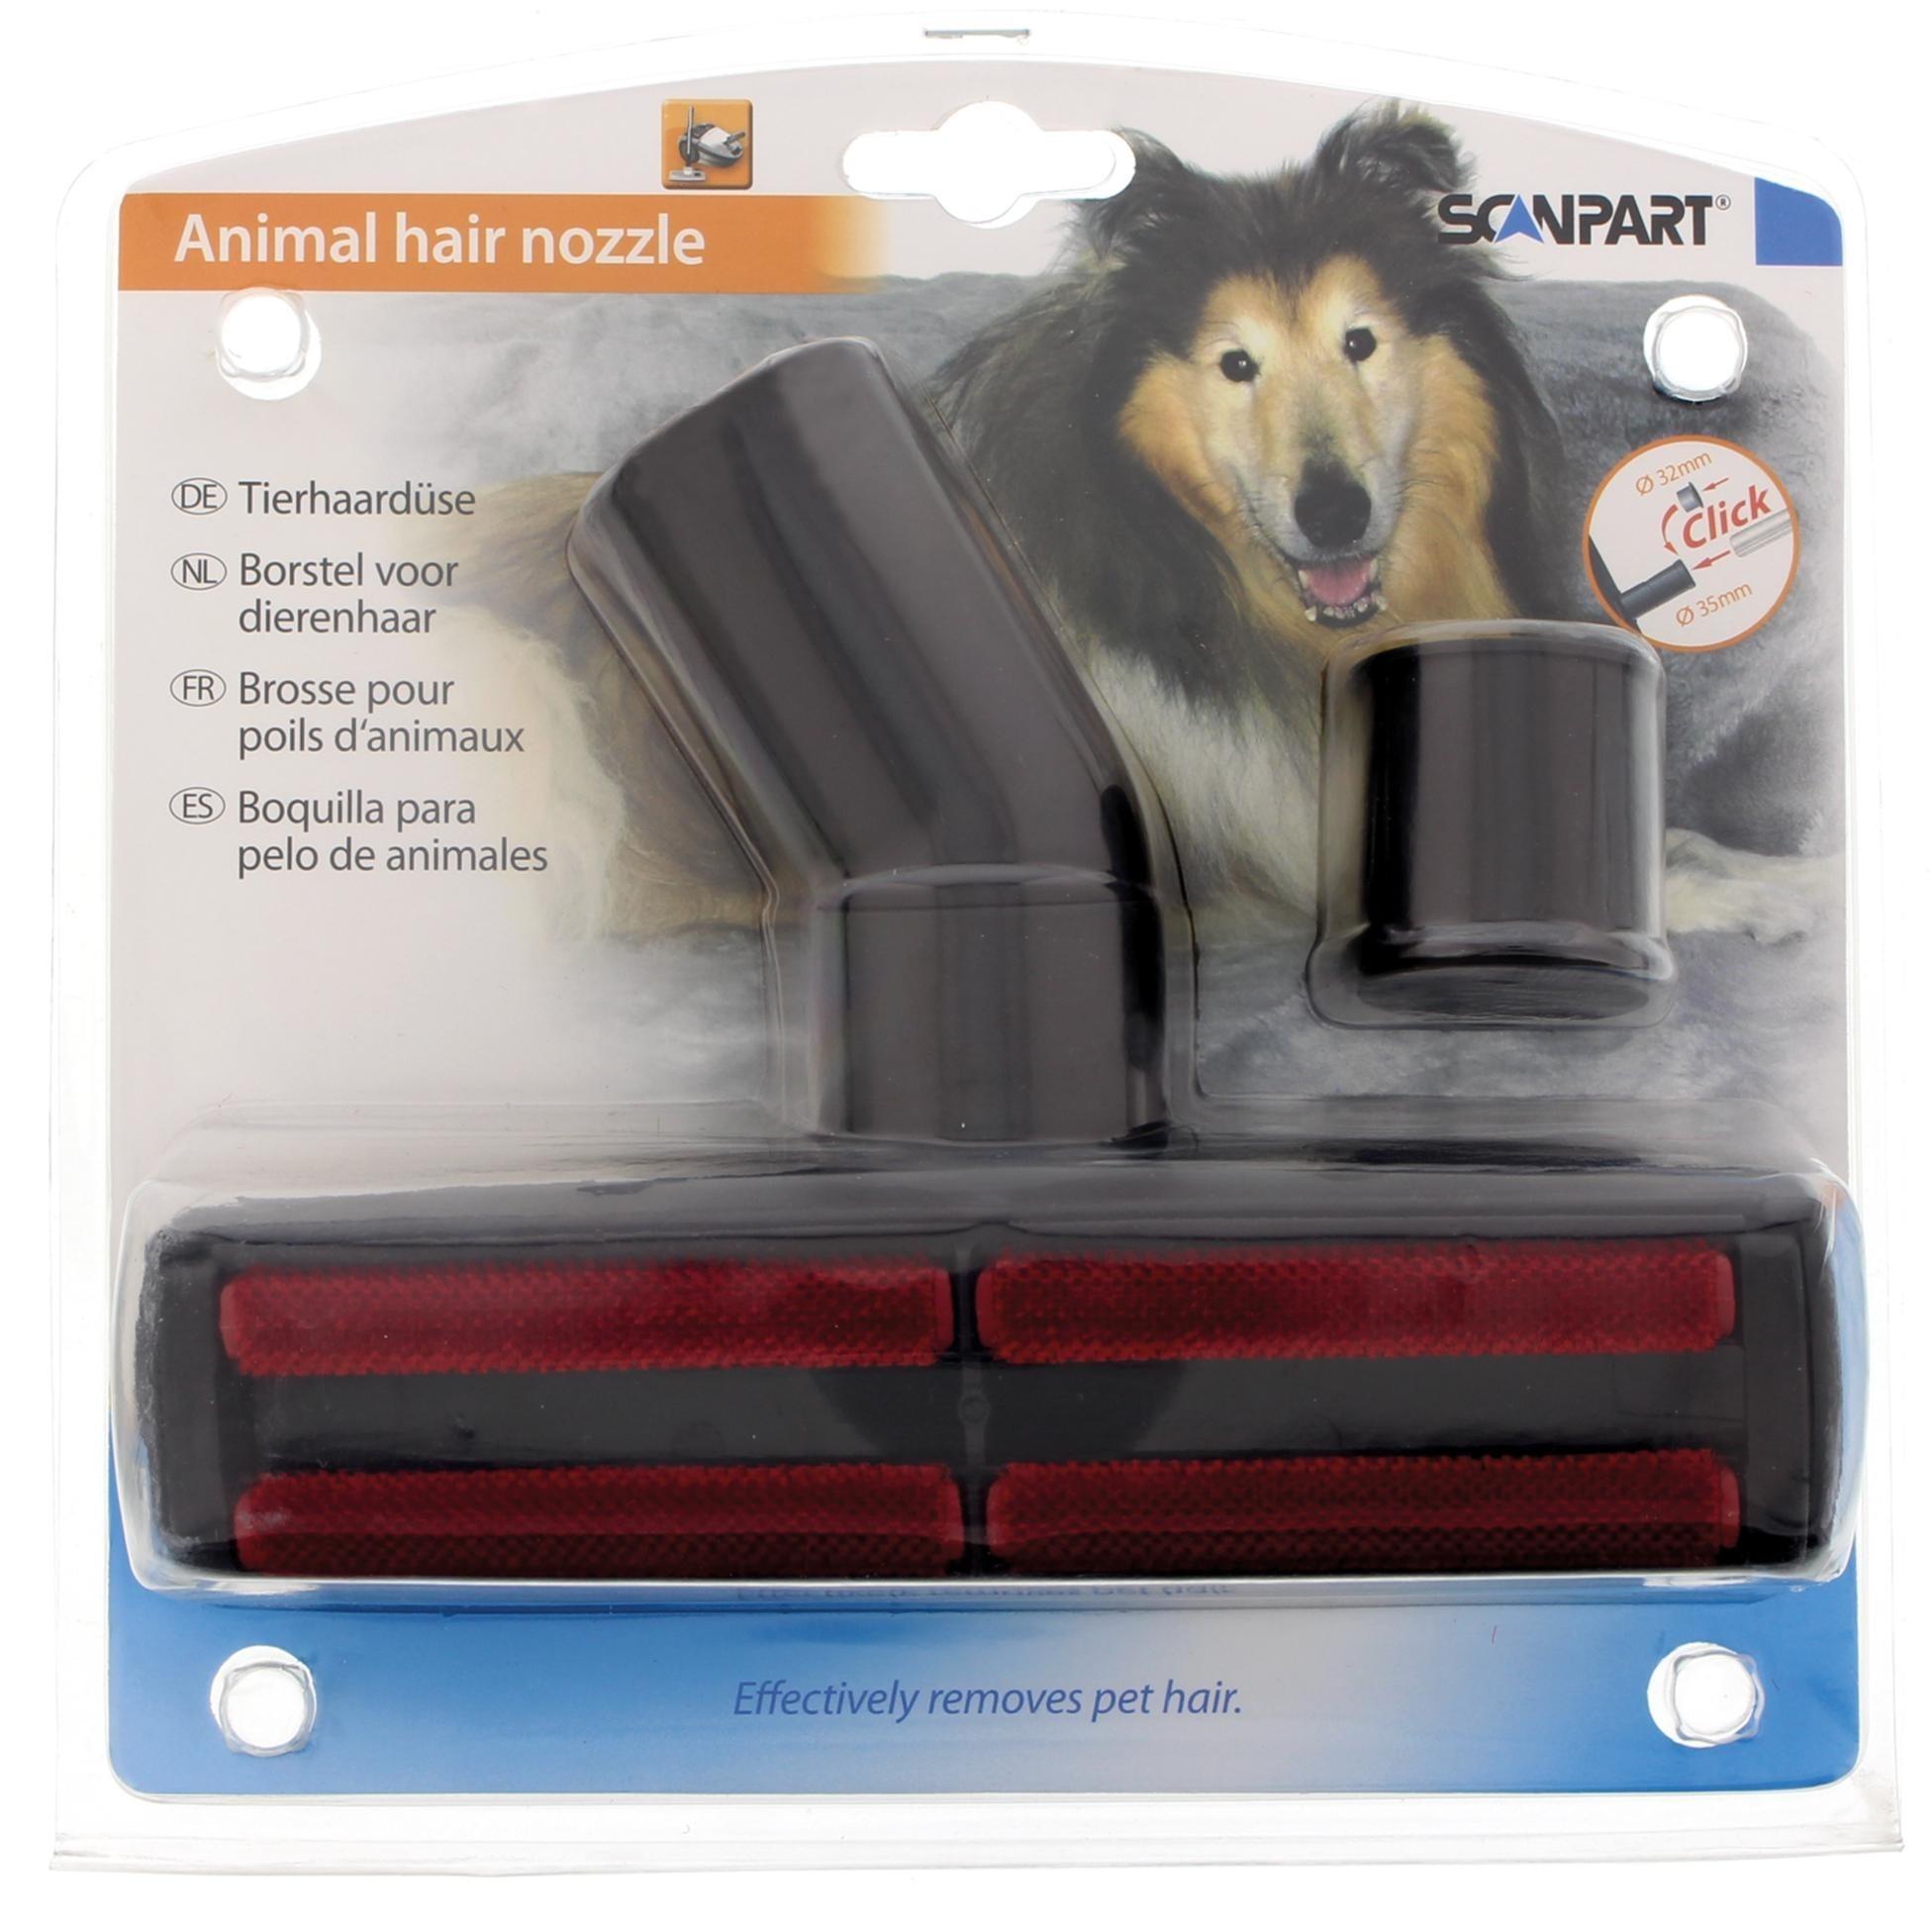 Korting Scanpart honden en kattenhaarborstel 32 plus 35mm borstel